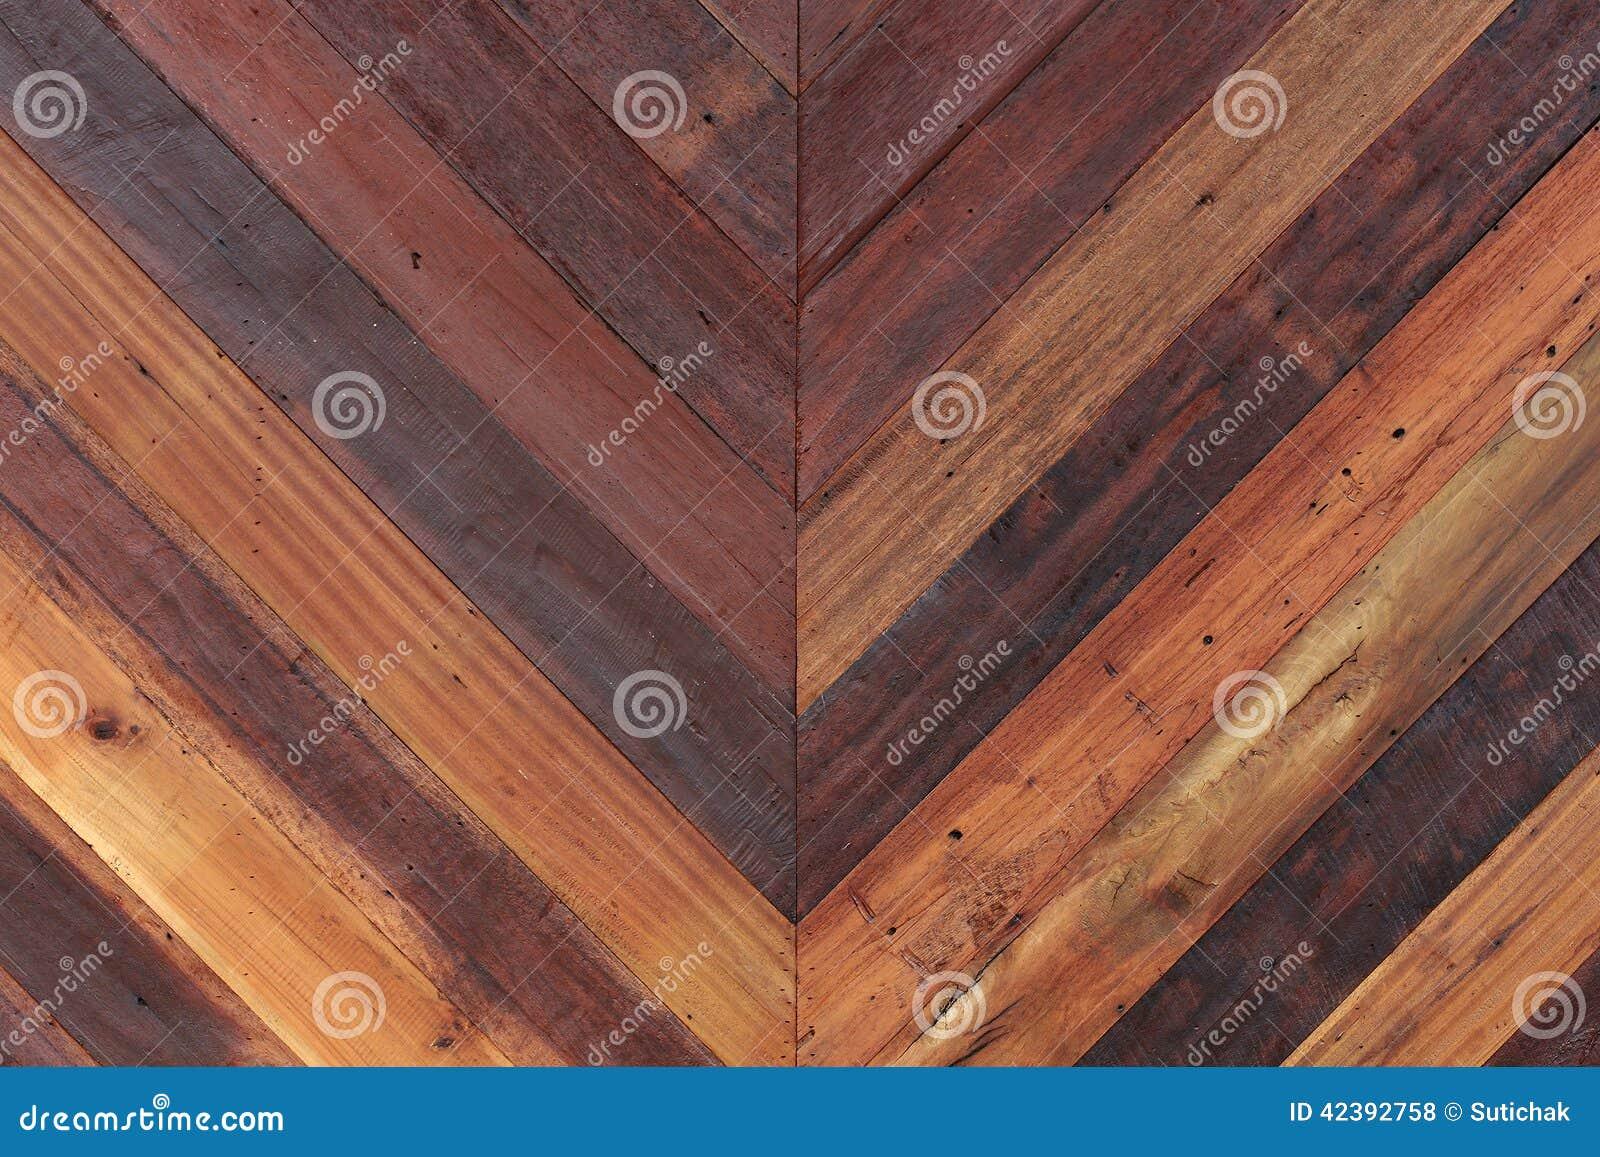 Wood brown plank